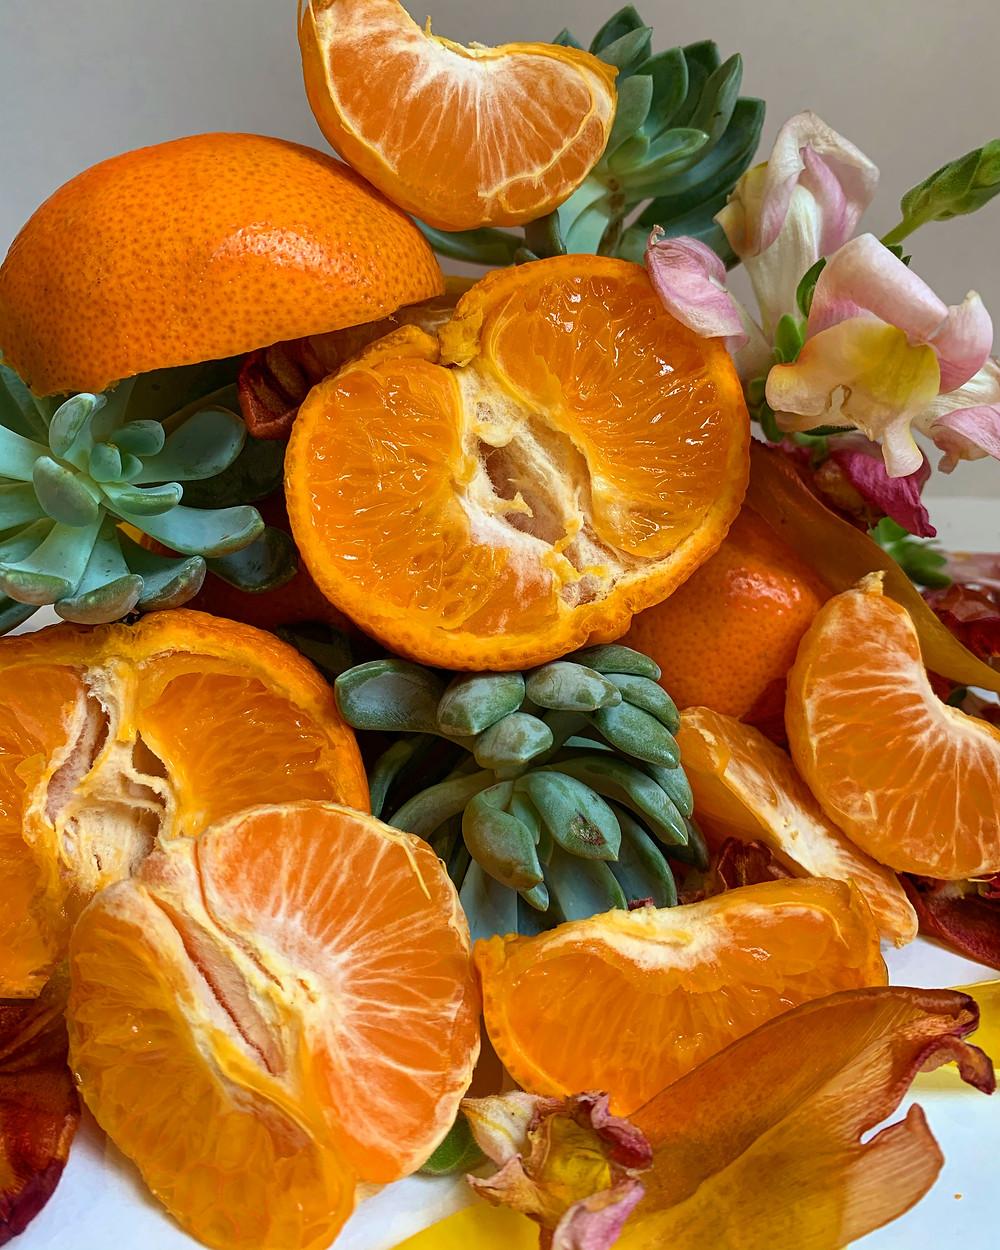 Vitamin C and Oranges